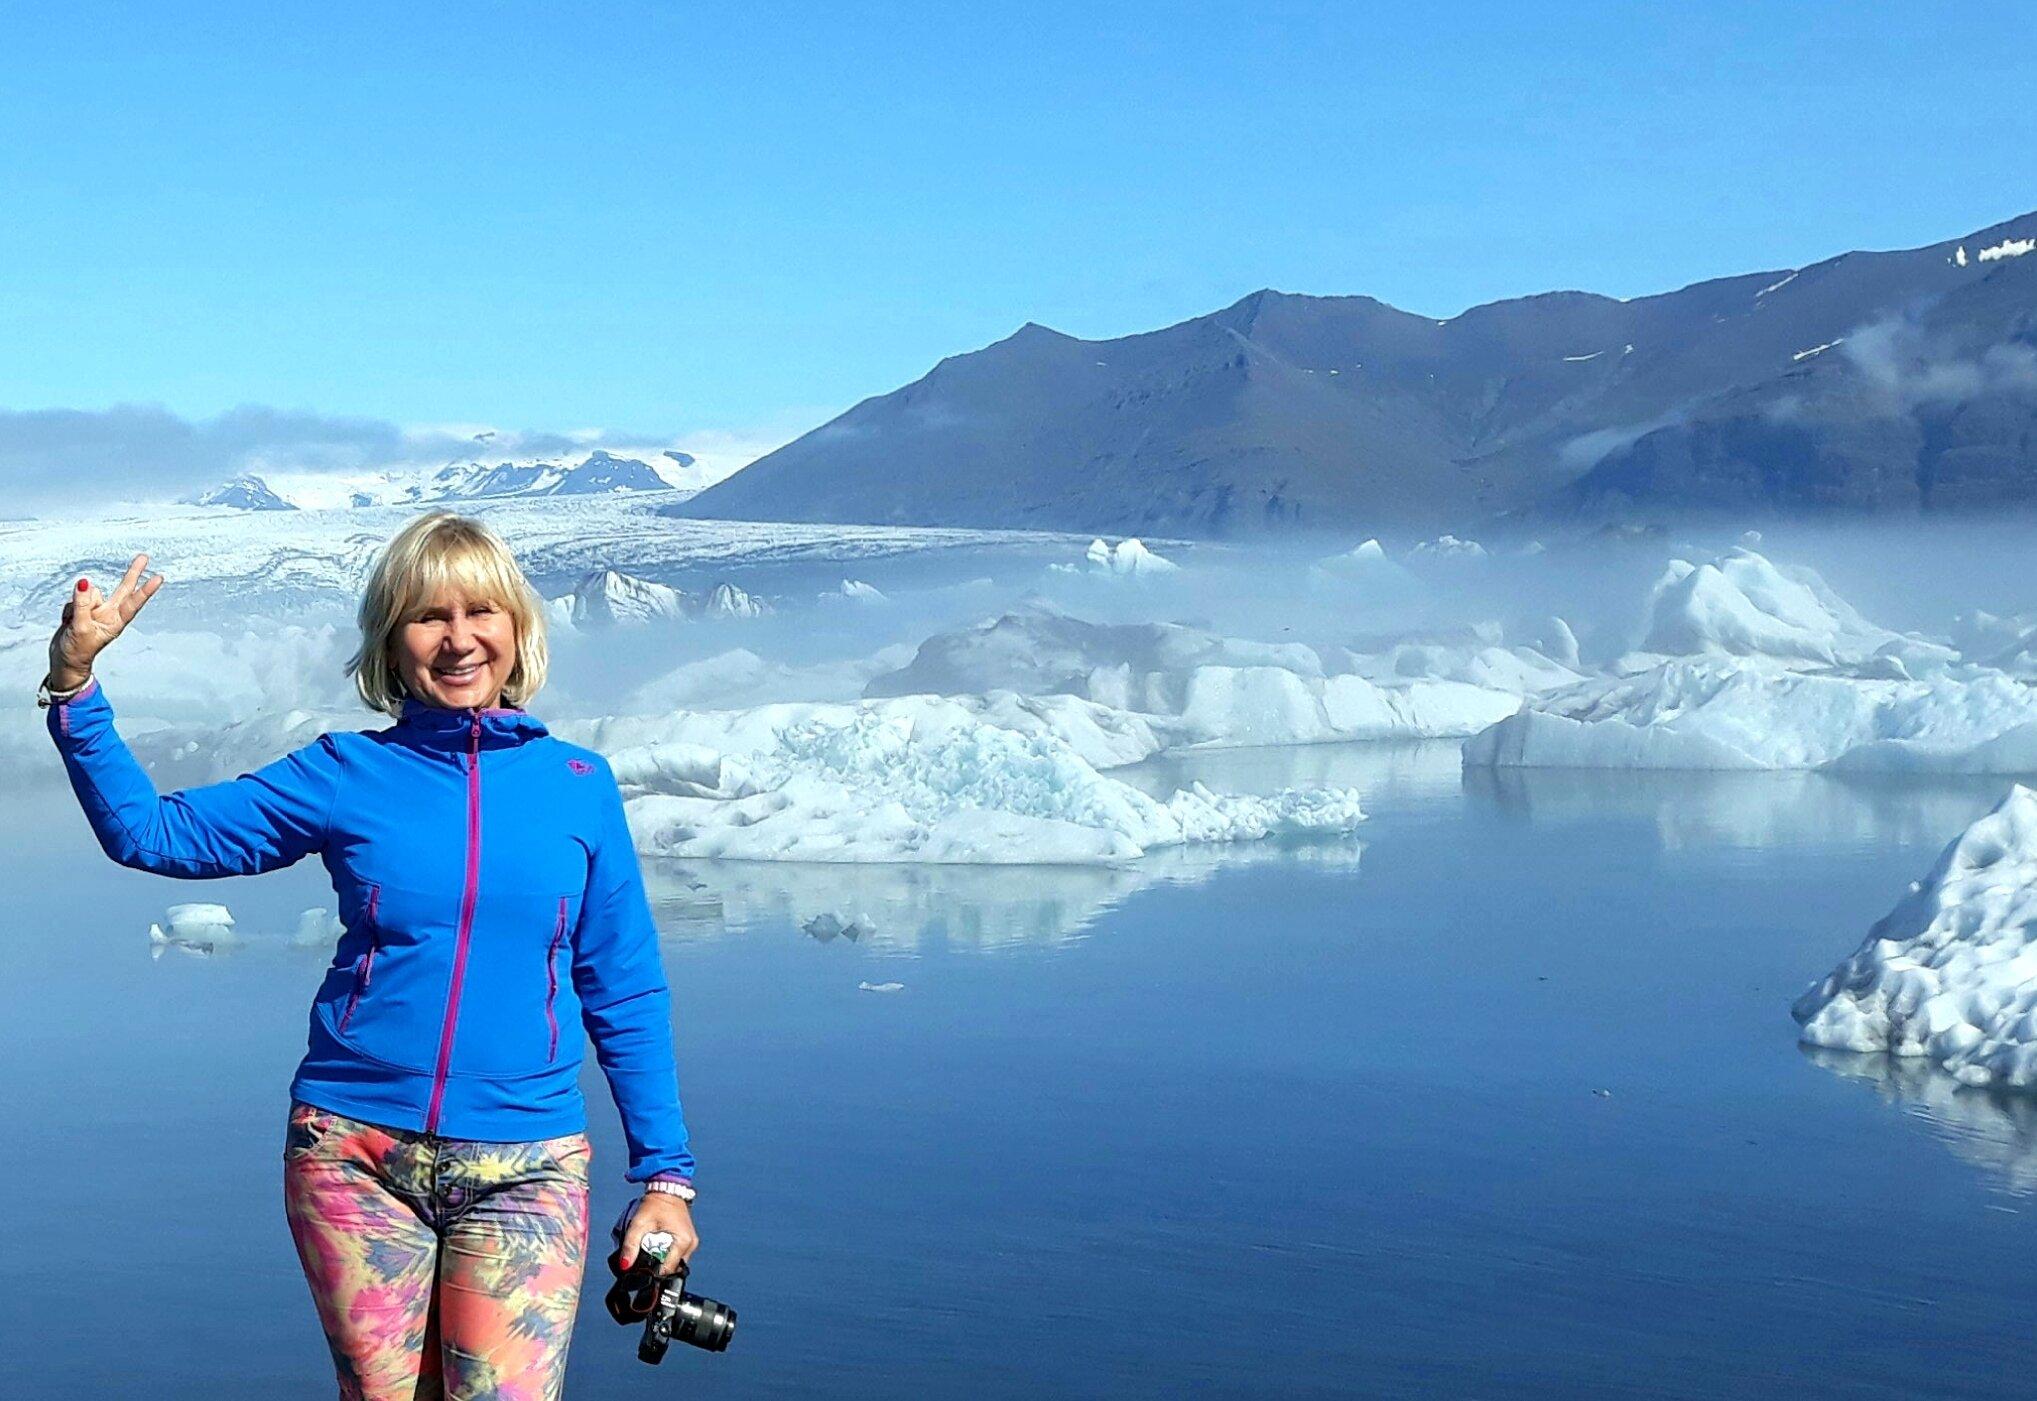 Koronawirus na Islandii – nowe przepisy. Sytuacja zmienna jak pogoda na wyspie.